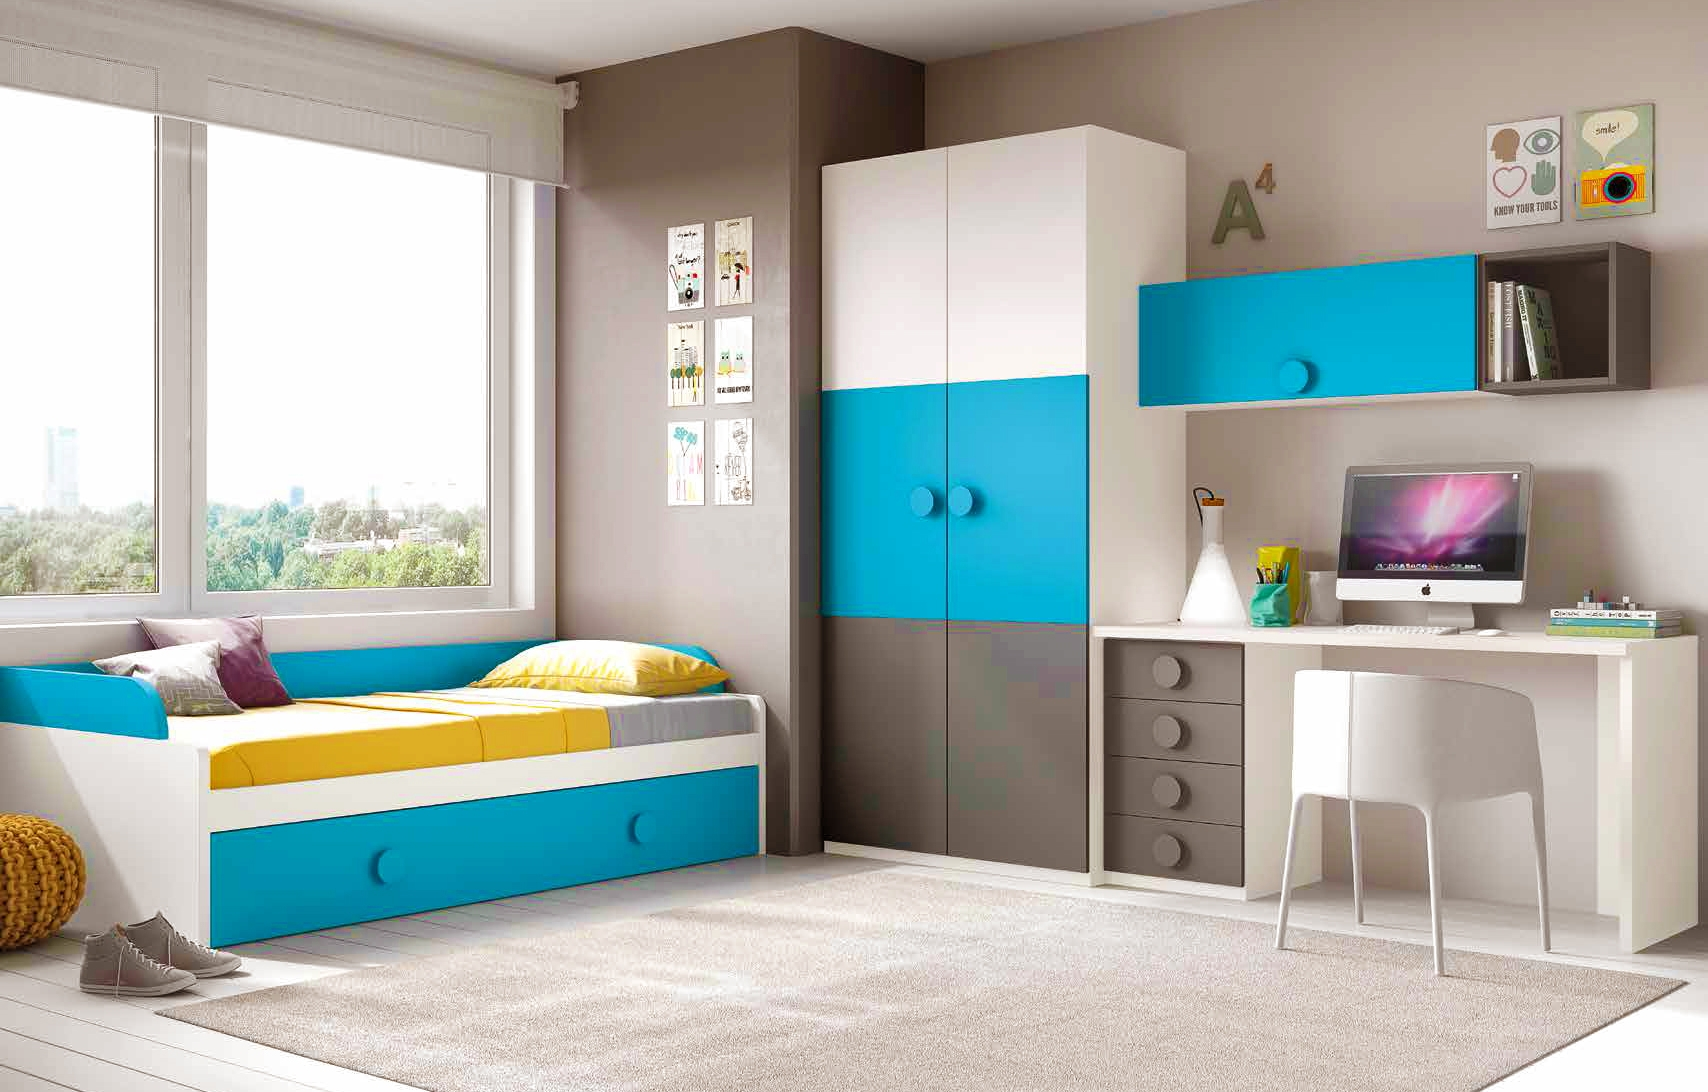 Chambre ado garon fun et design avec lit gigogne  GLICERIO  SO NUIT